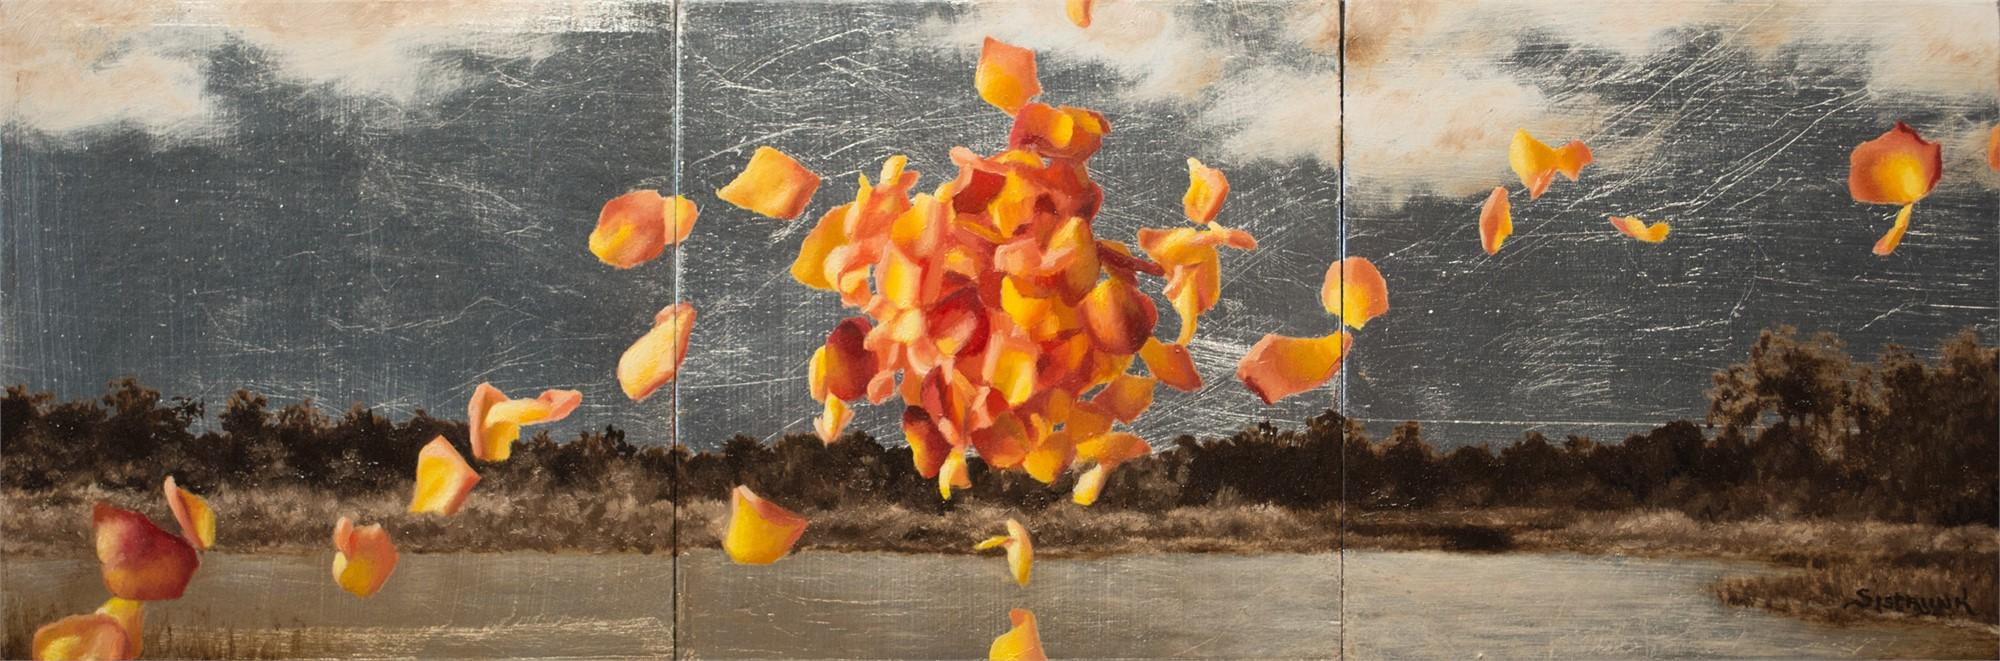 Origin (triptych) by Beth Sistrunk